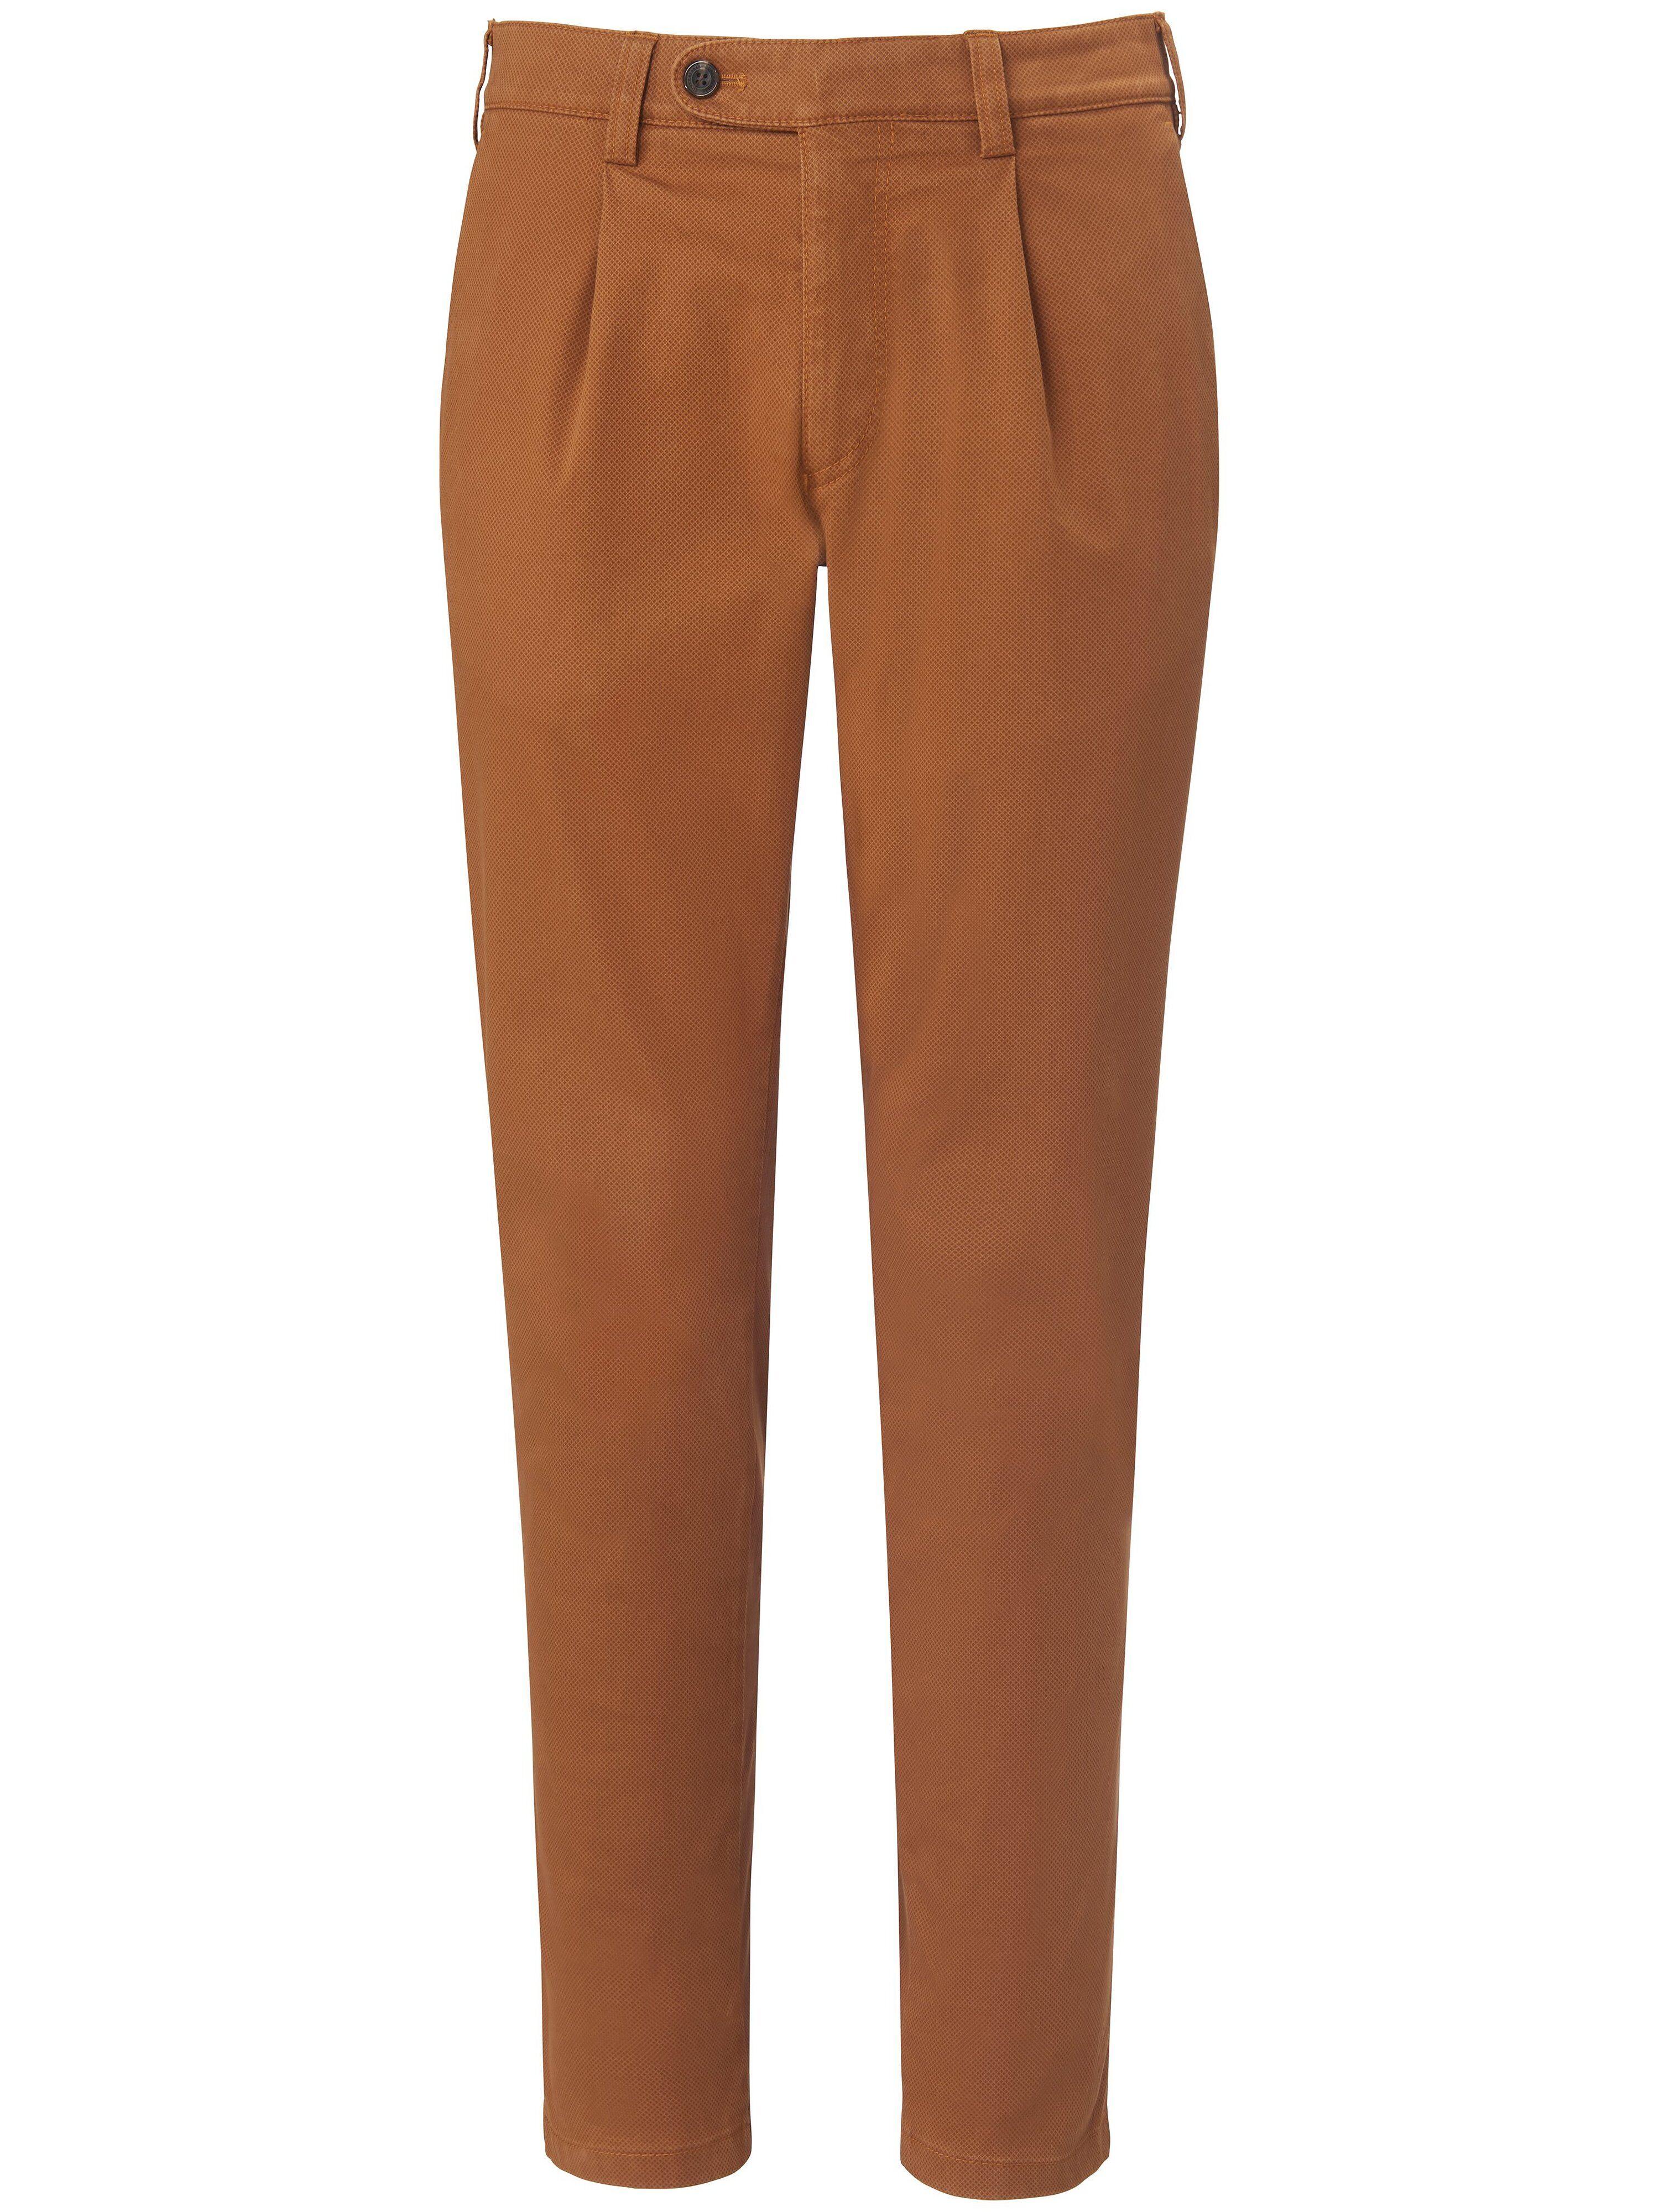 Brax Le pantalon à pinces modèle Luis  Eurex by Brax orange  - Homme - 25